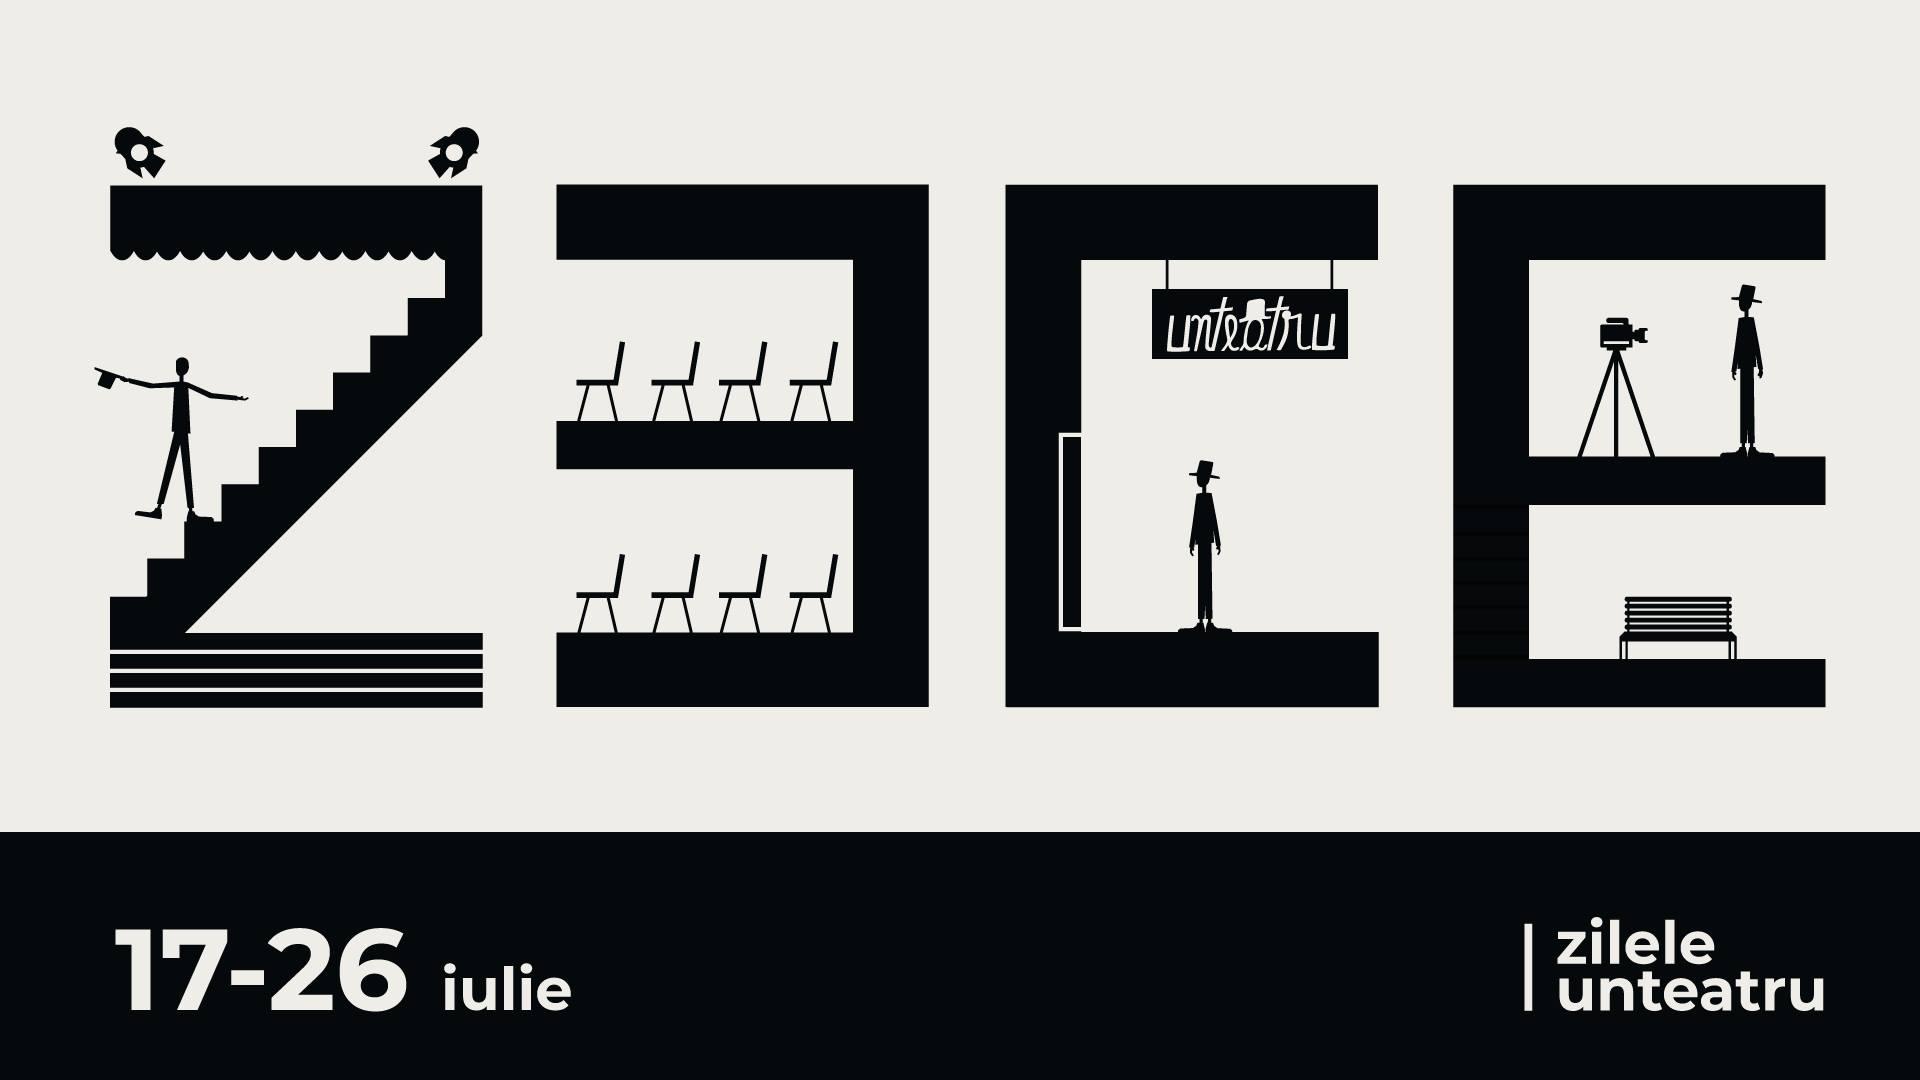 La zi pe Metropotam - Pe 17 iulie încep #Zileleunteatru10